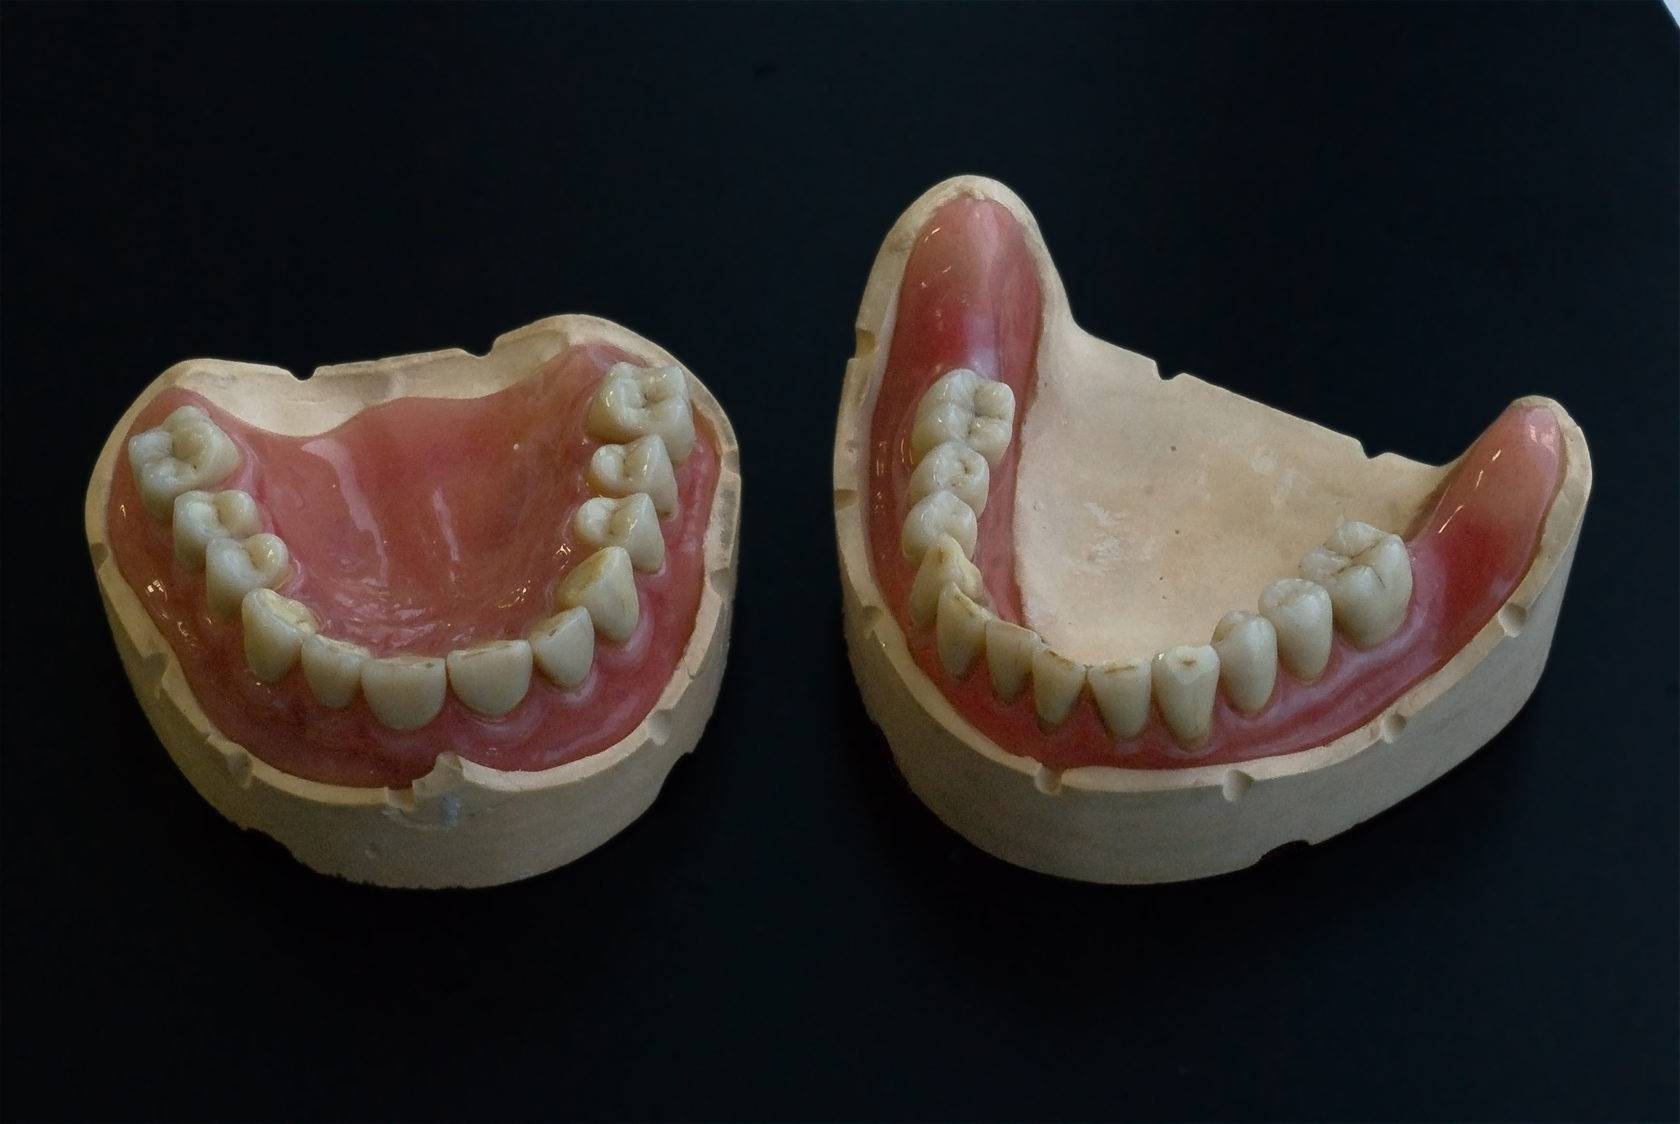 Улучшение качественных характеристик зубного протеза с помощью армирования